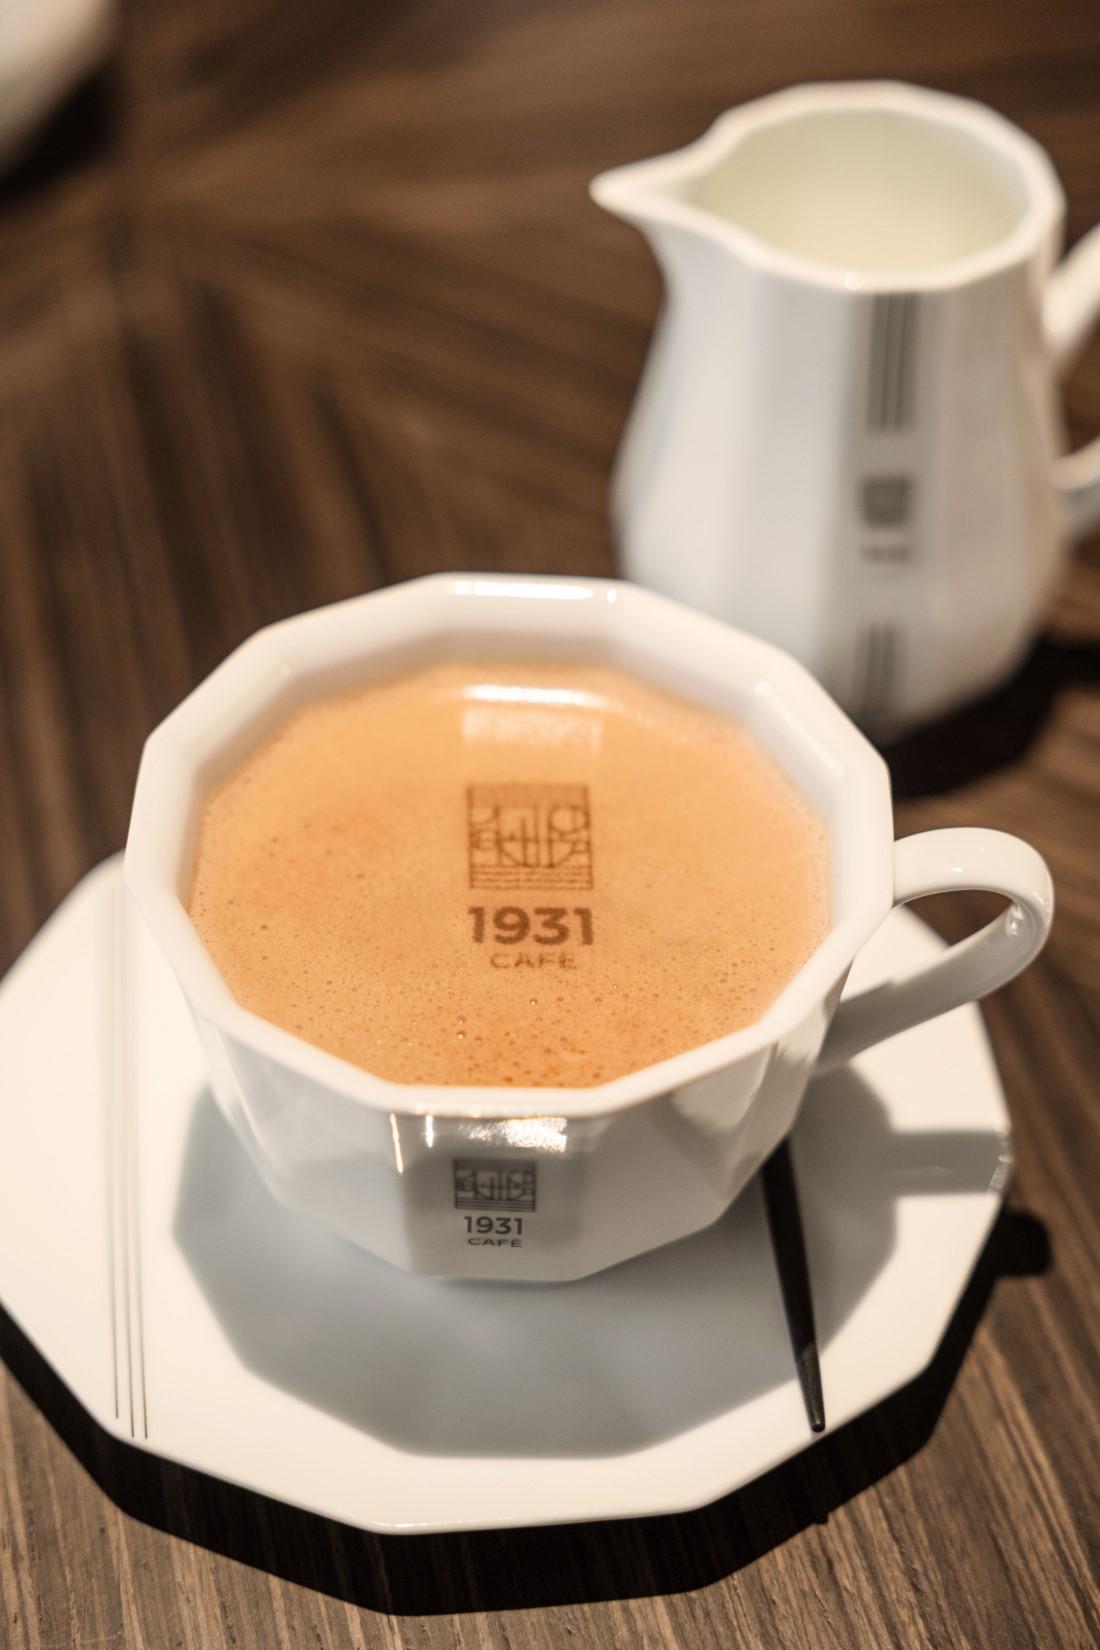 Jaeger-LeCoultre 1931 Café Paris